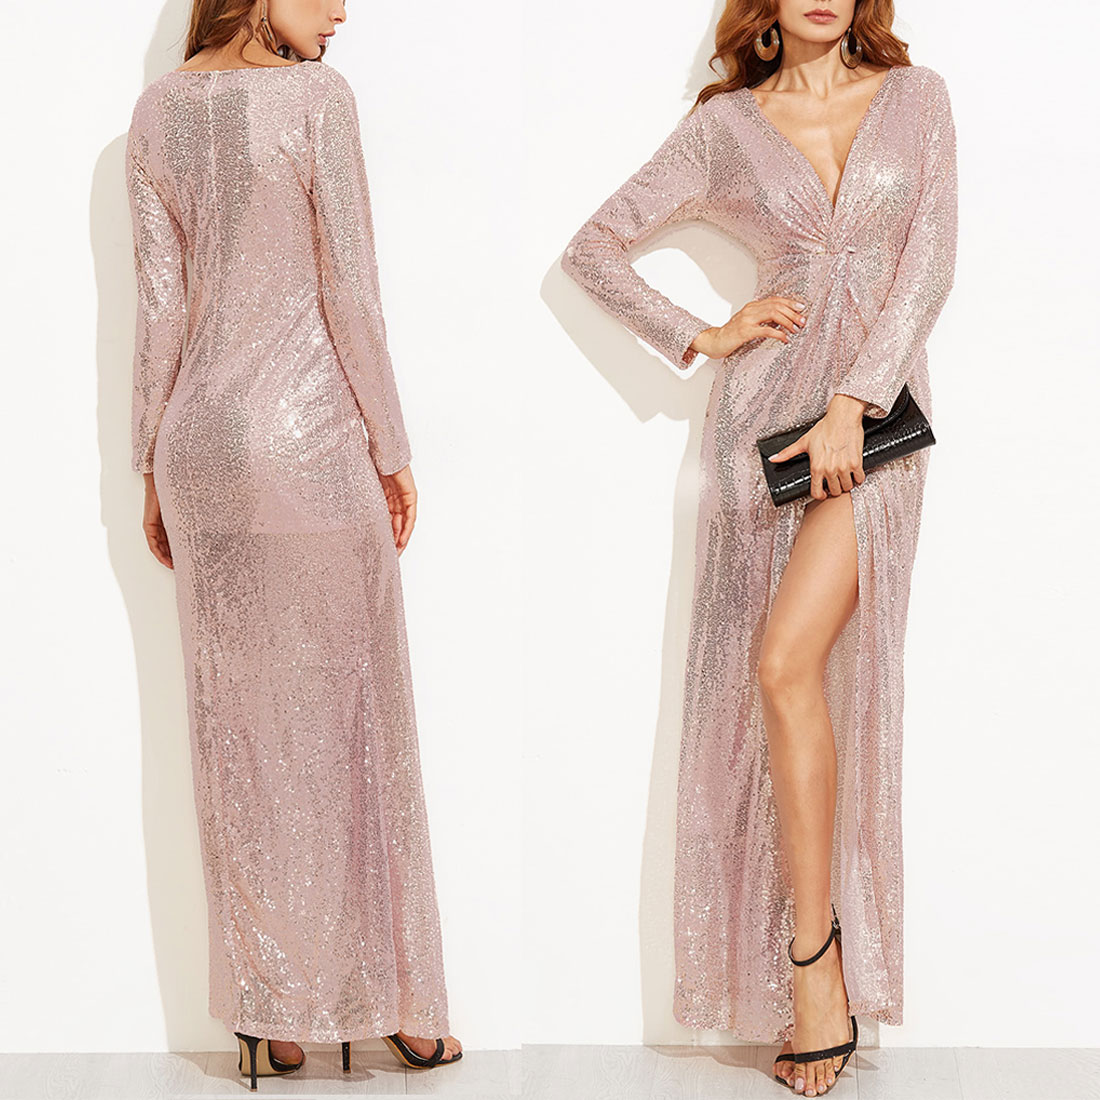 Лидер продаж, женское сексуальное вечернее платье с глубоким v-образным вырезом и длинным рукавом, с блестками, с высоким разрезом, макси пла...